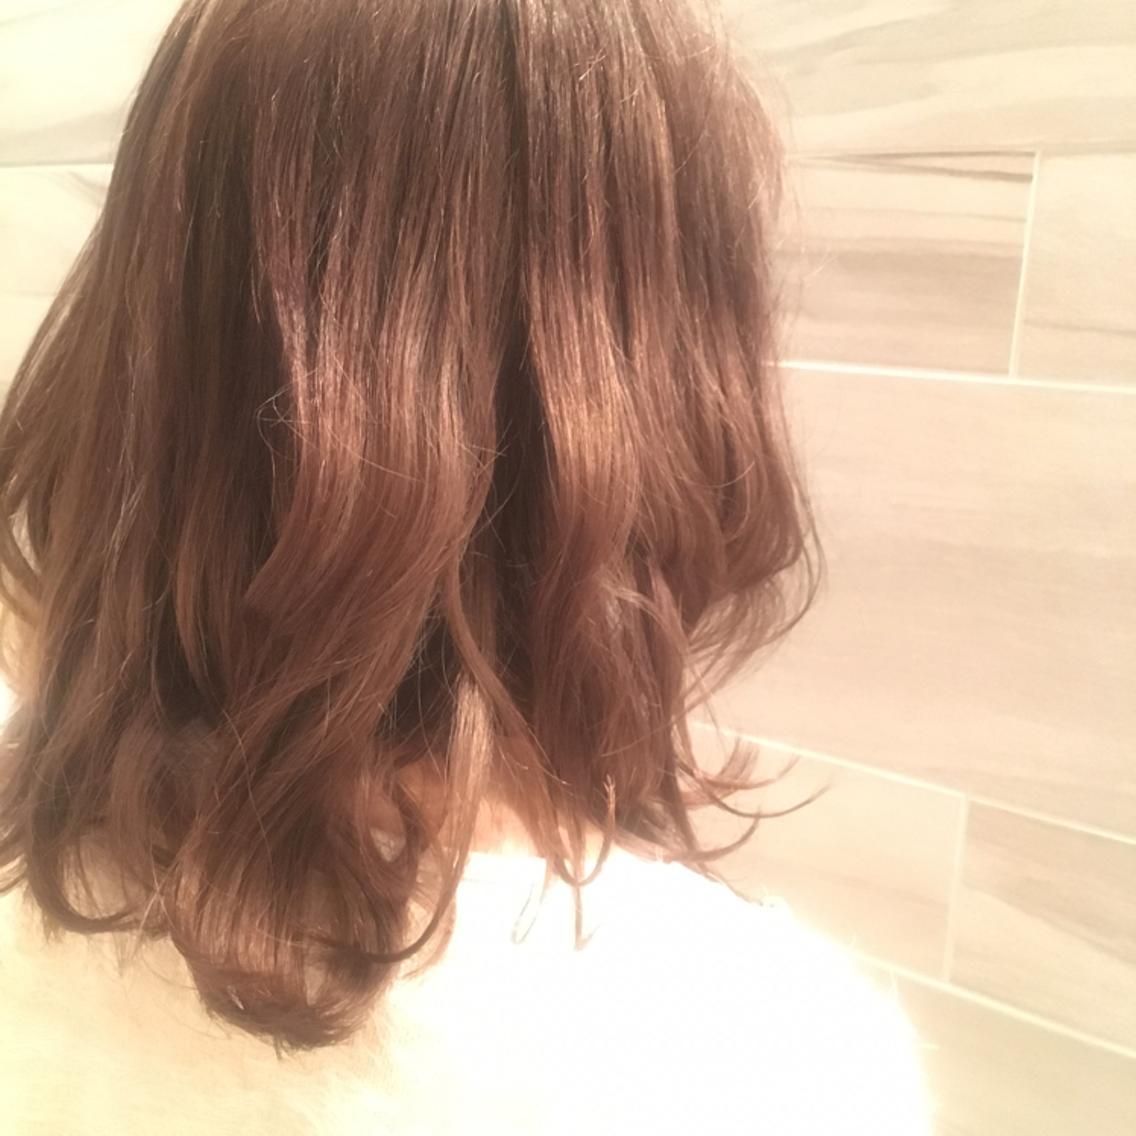 [表参道◎]お客様のお望みを超える素敵な髪色にします♡